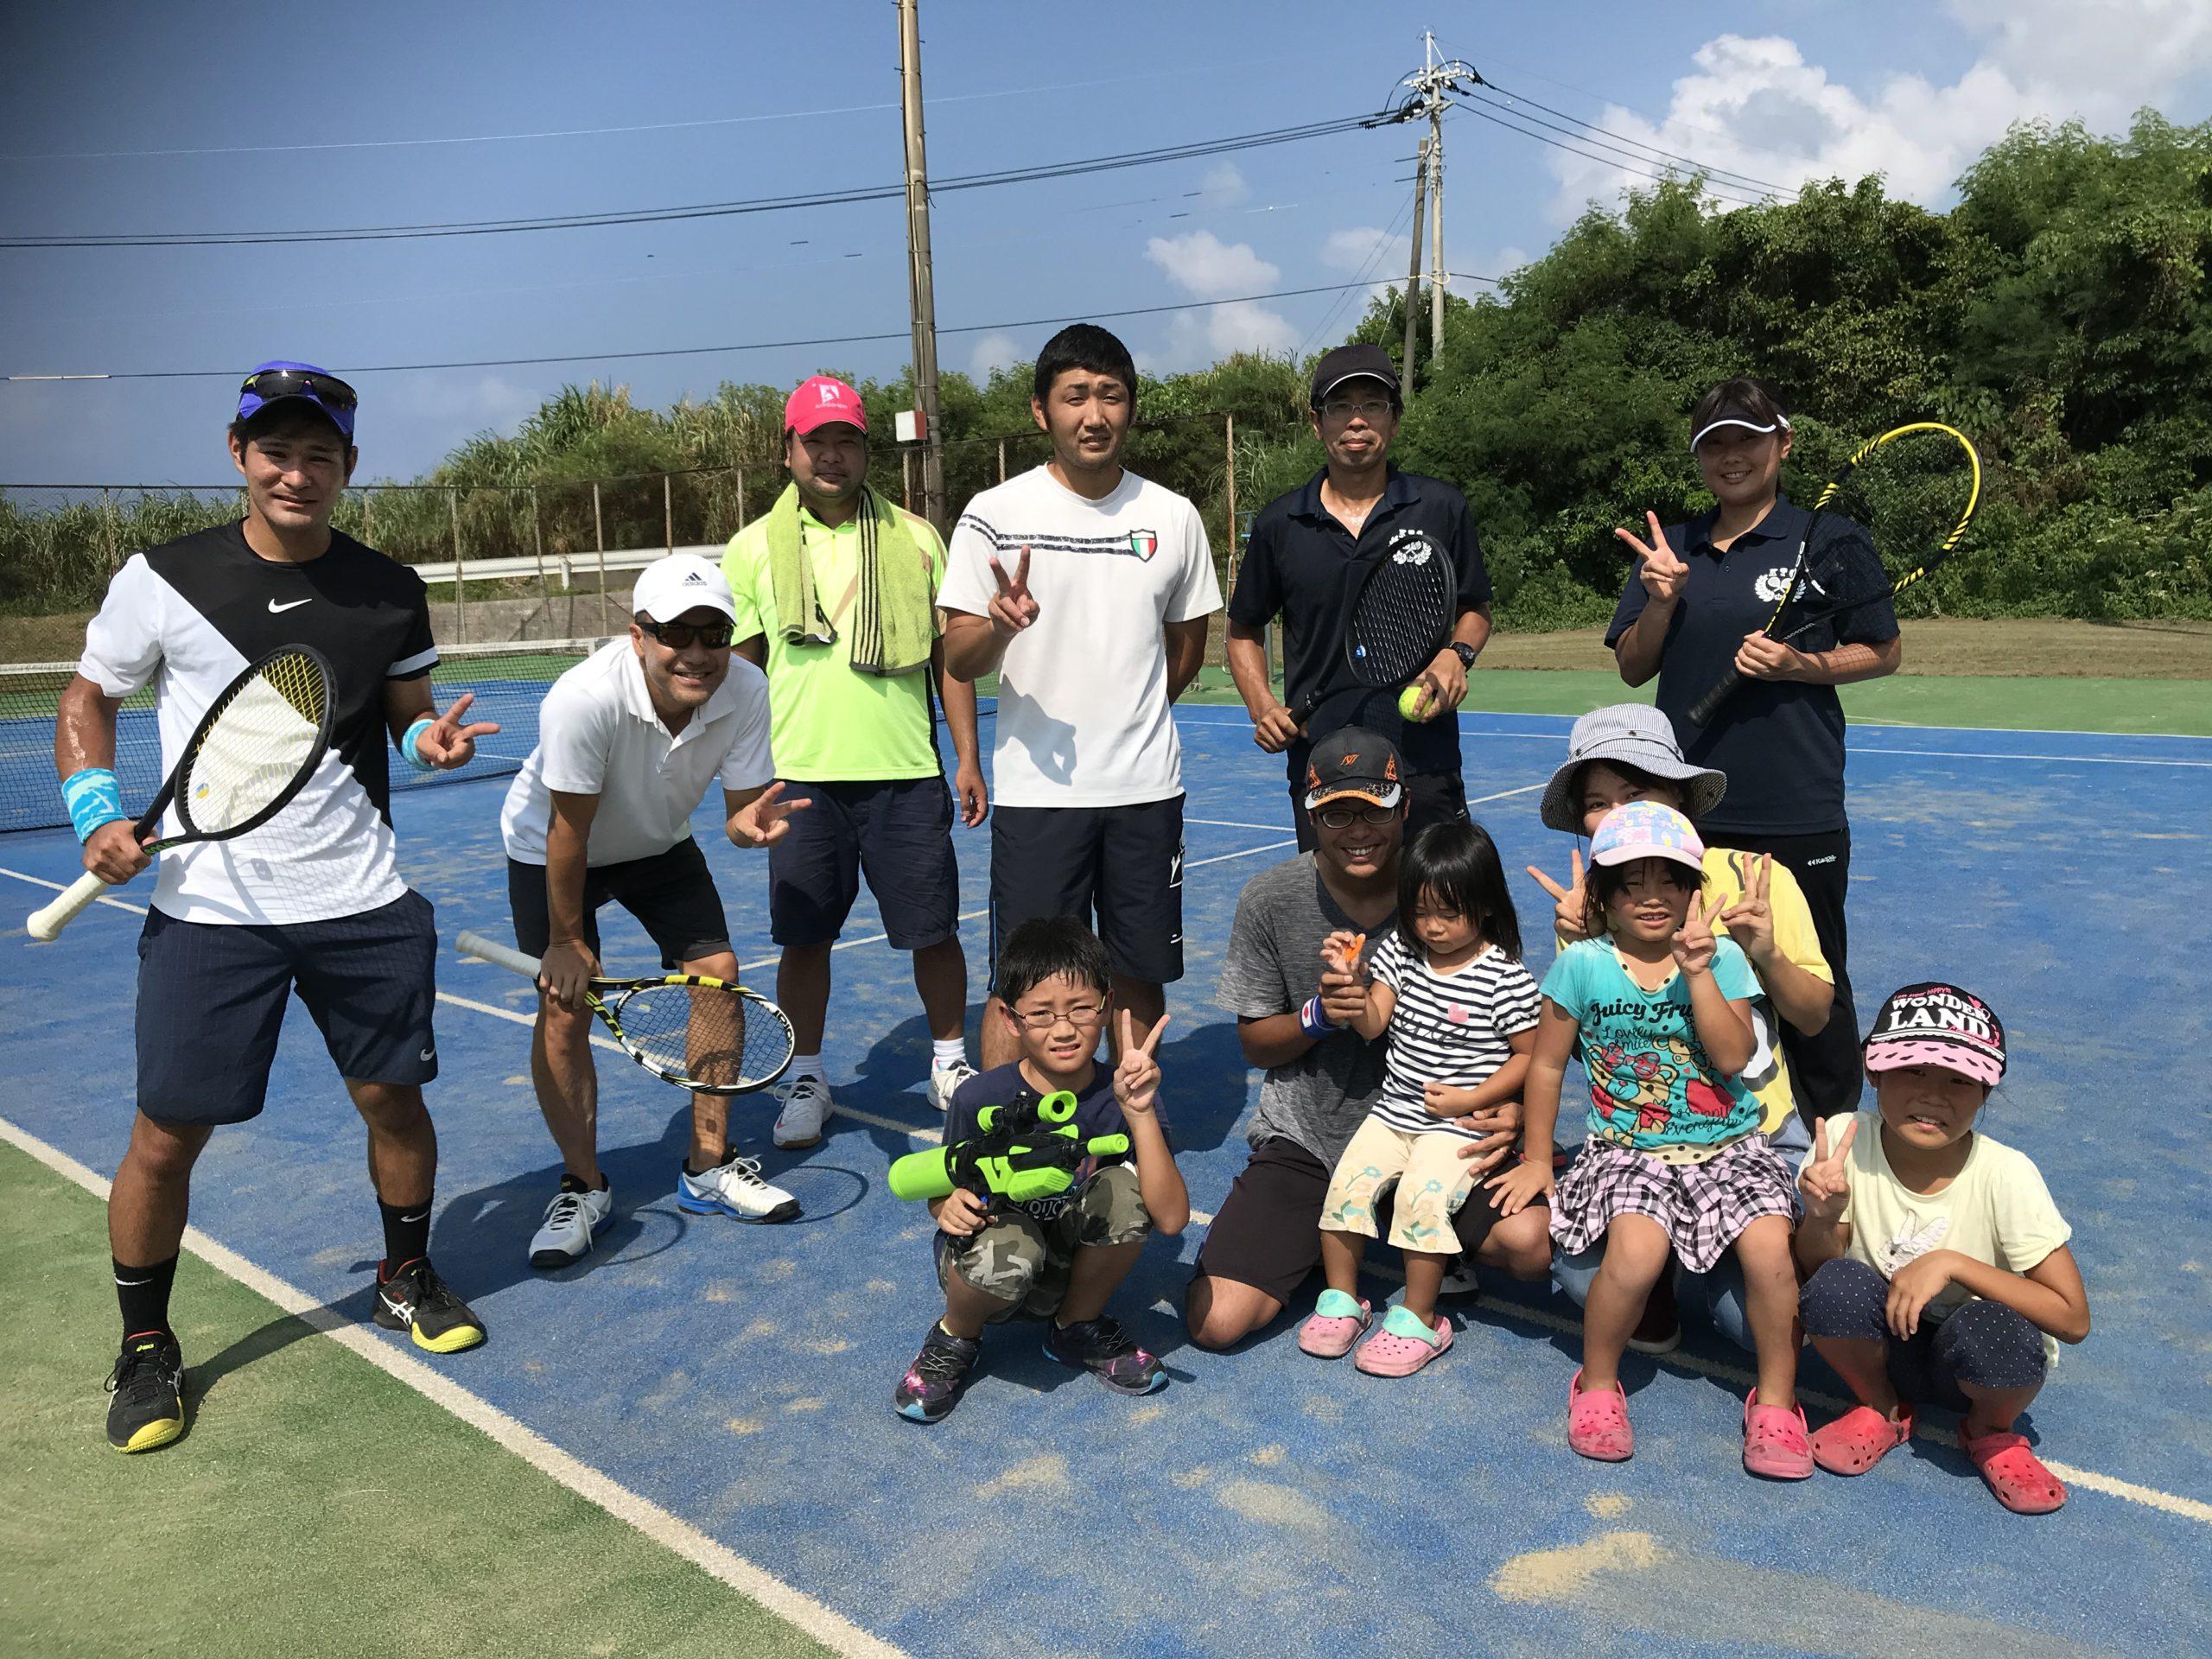 夏季テニス大会🎾